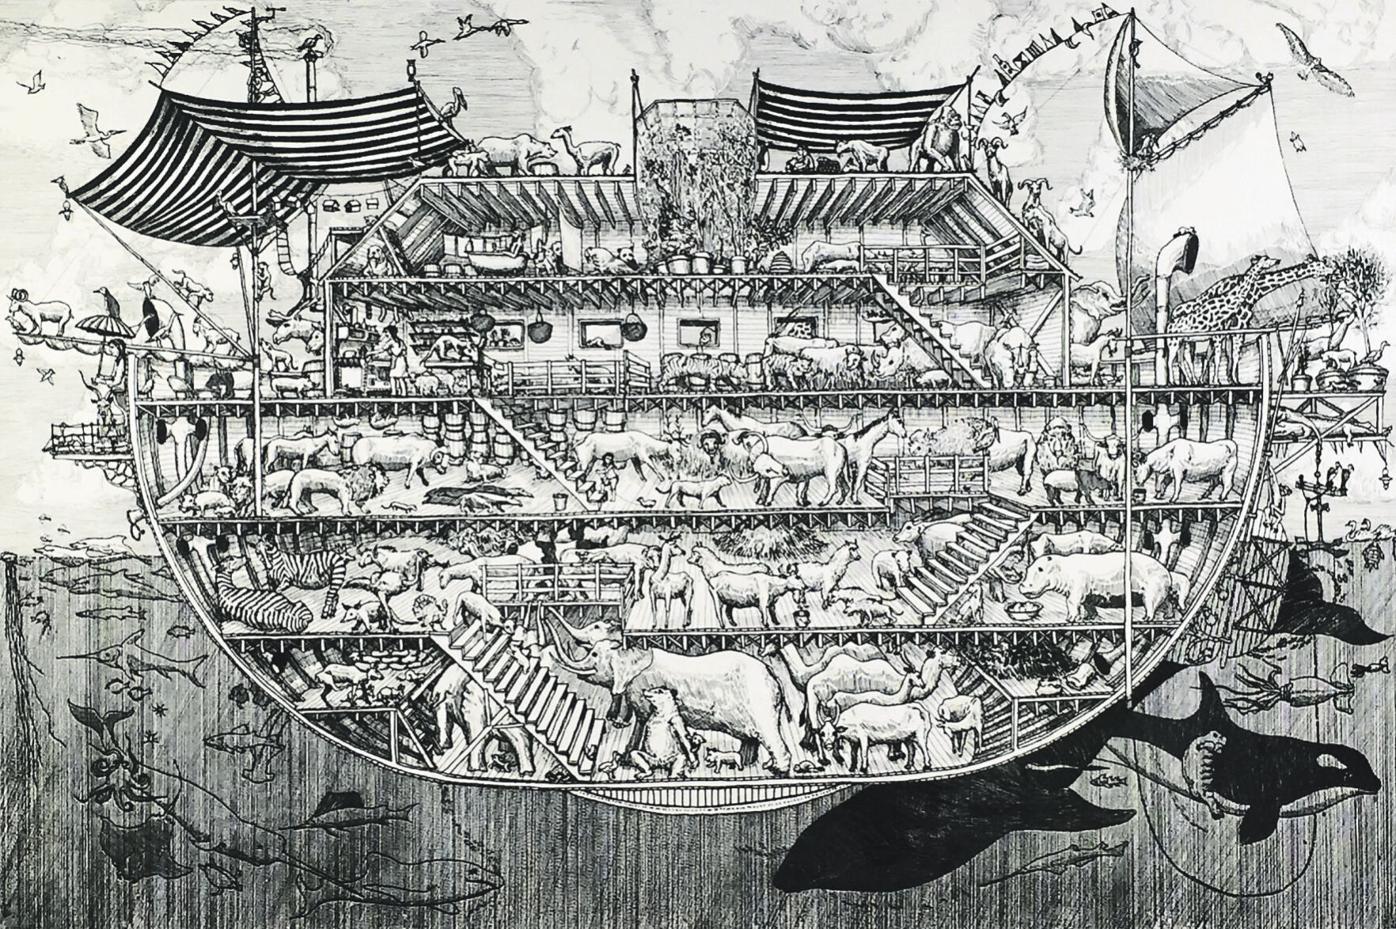 'Noah's Ark'